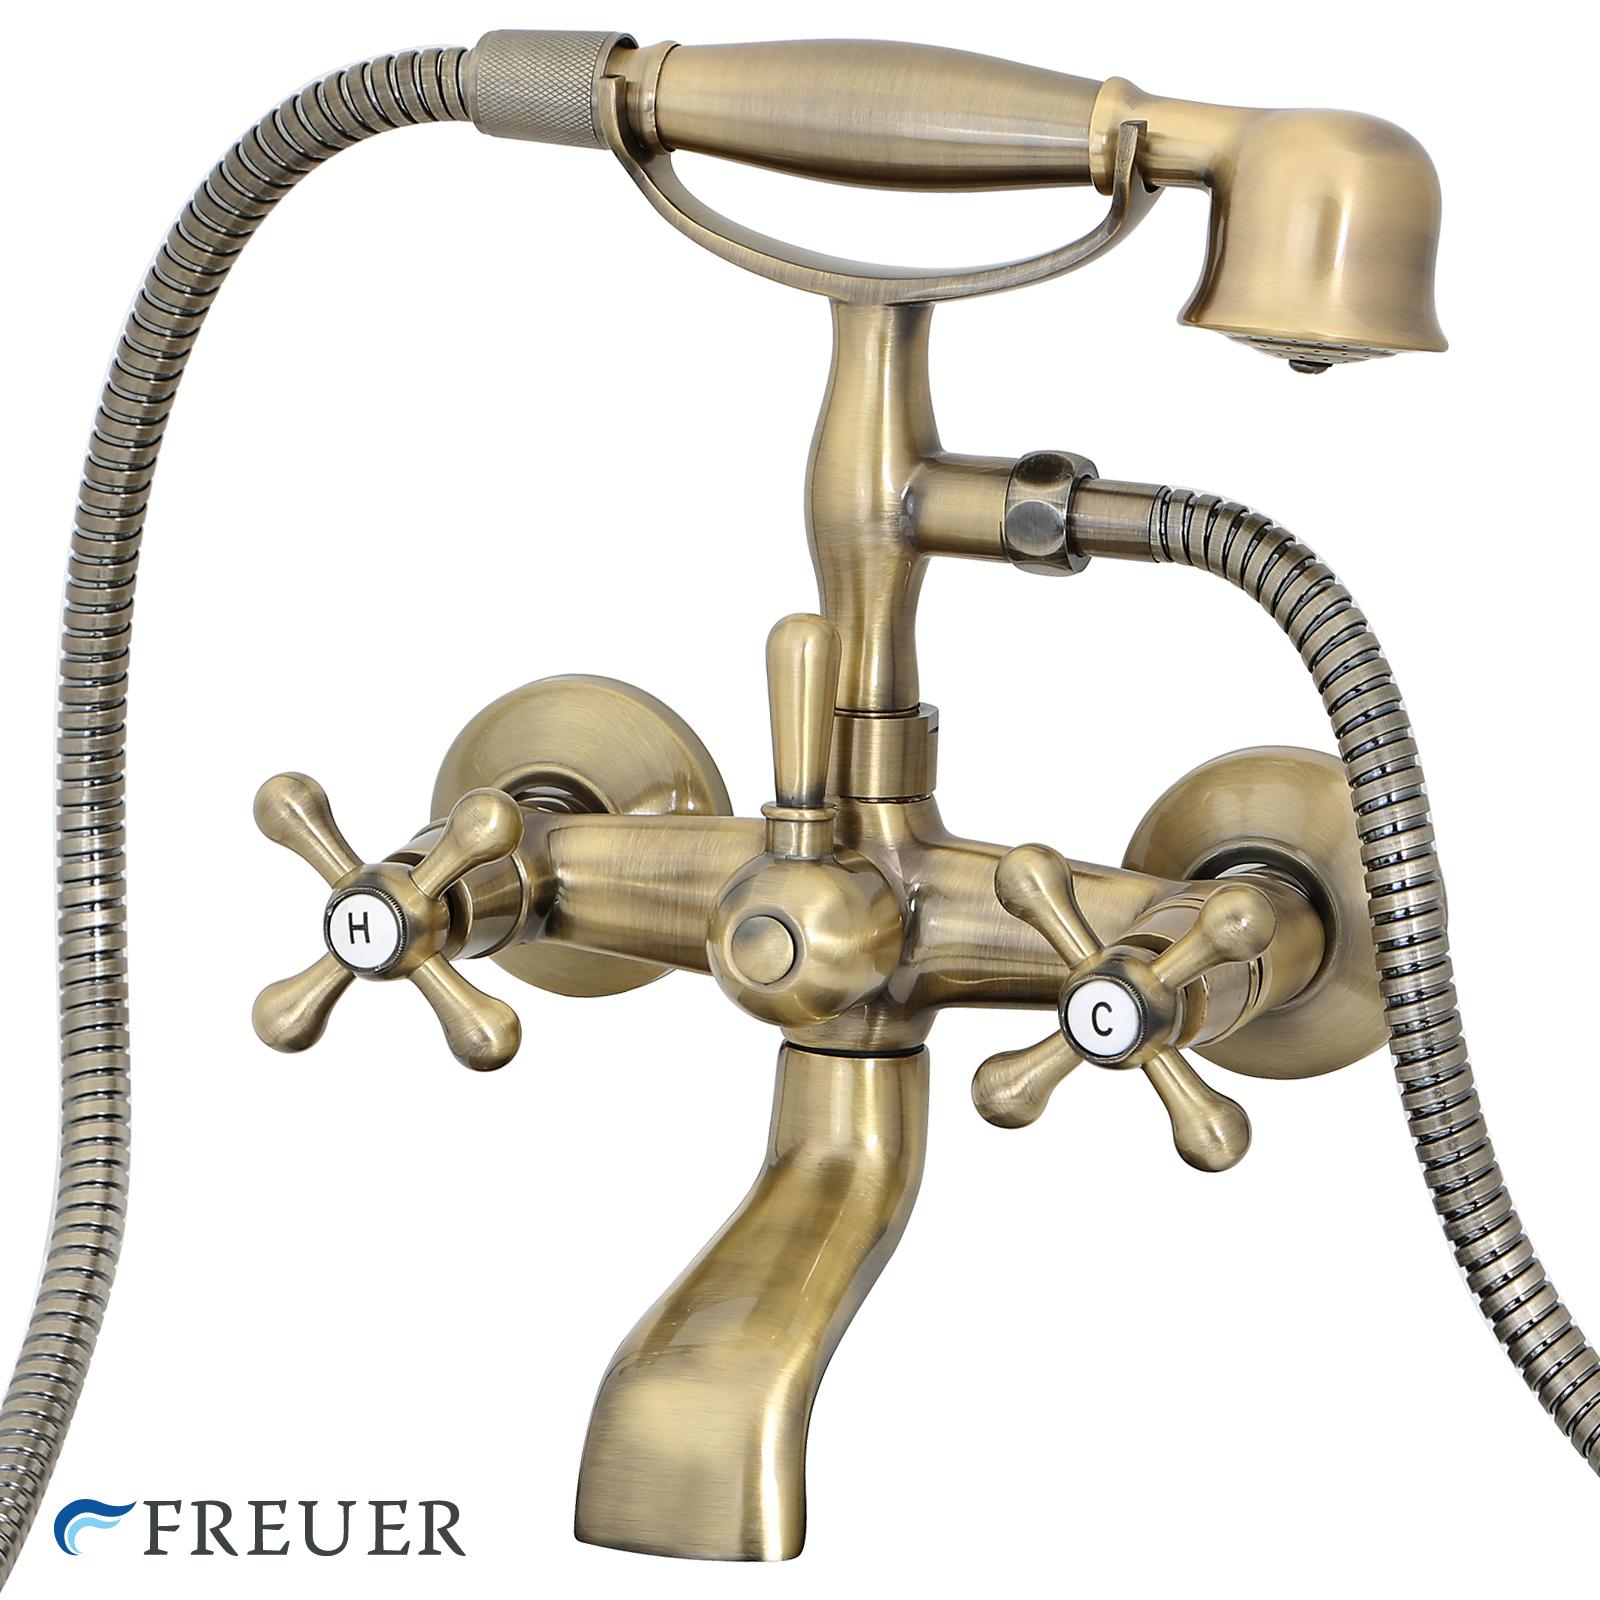 New Freuer Antique Brass Clawfoot Tub Bathtub Wall Mount